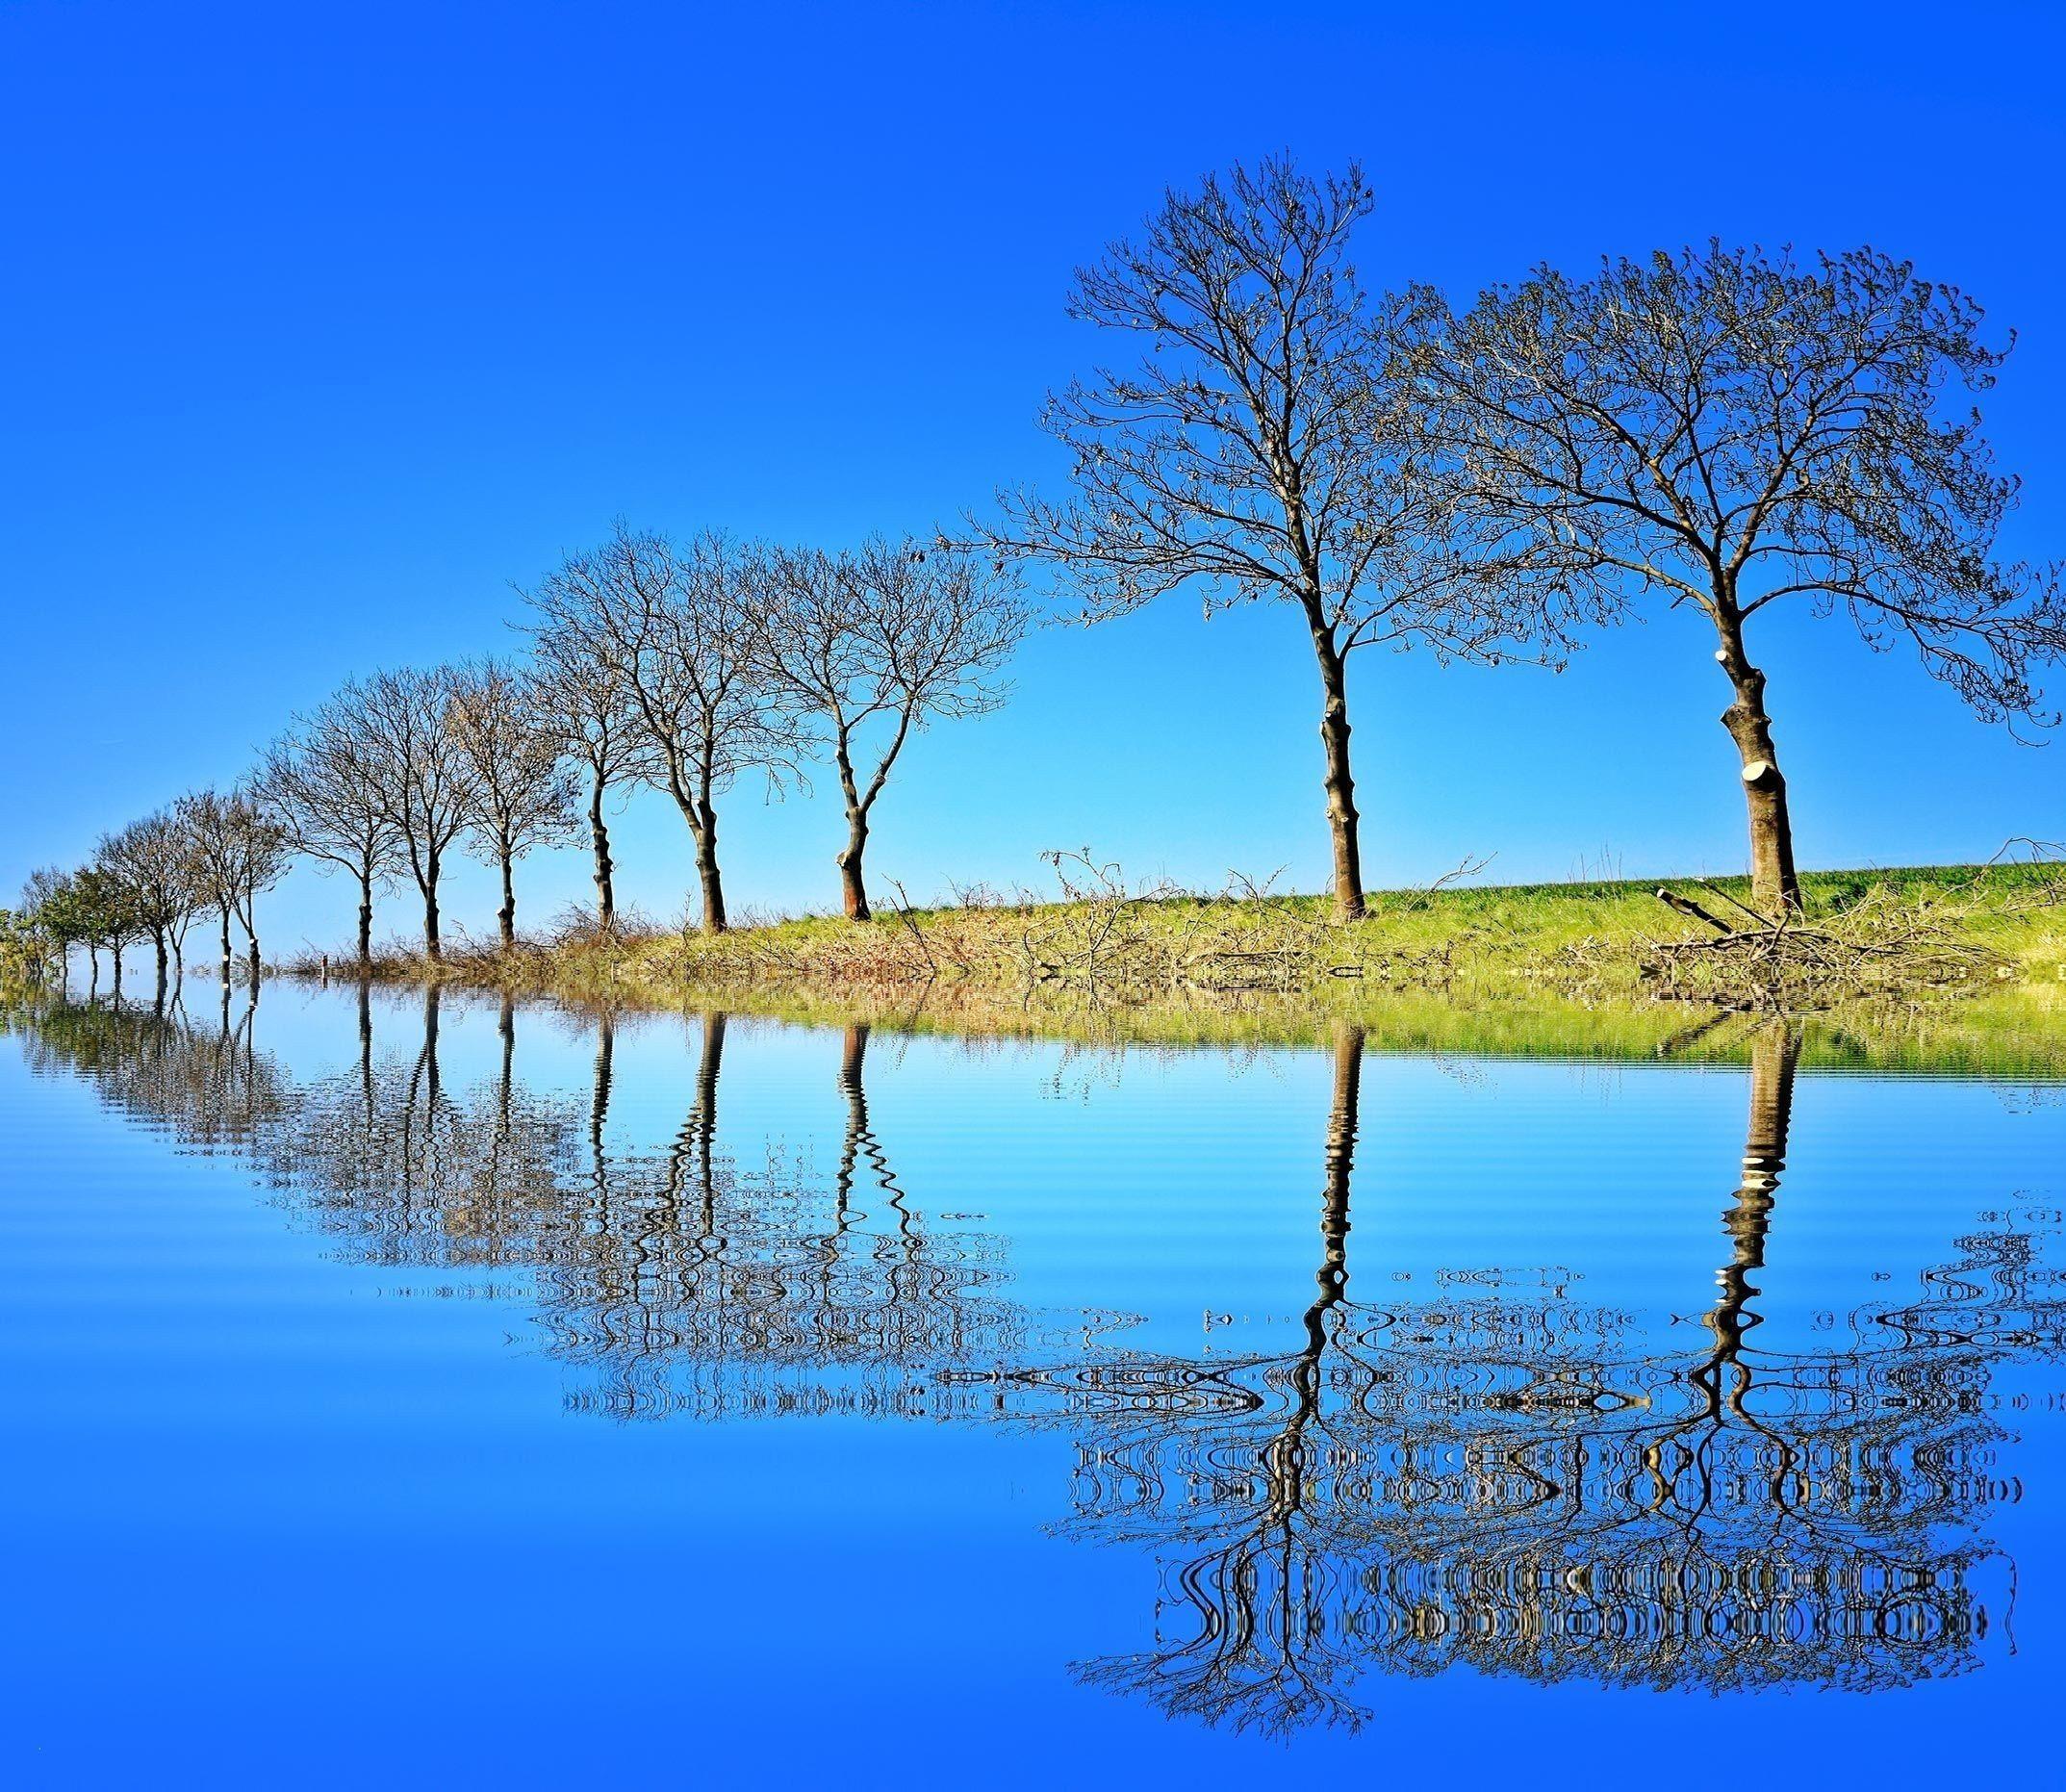 New Beautiful Nature Wallpaper Desktop Background Fotografi Alam Alam Pemandangan